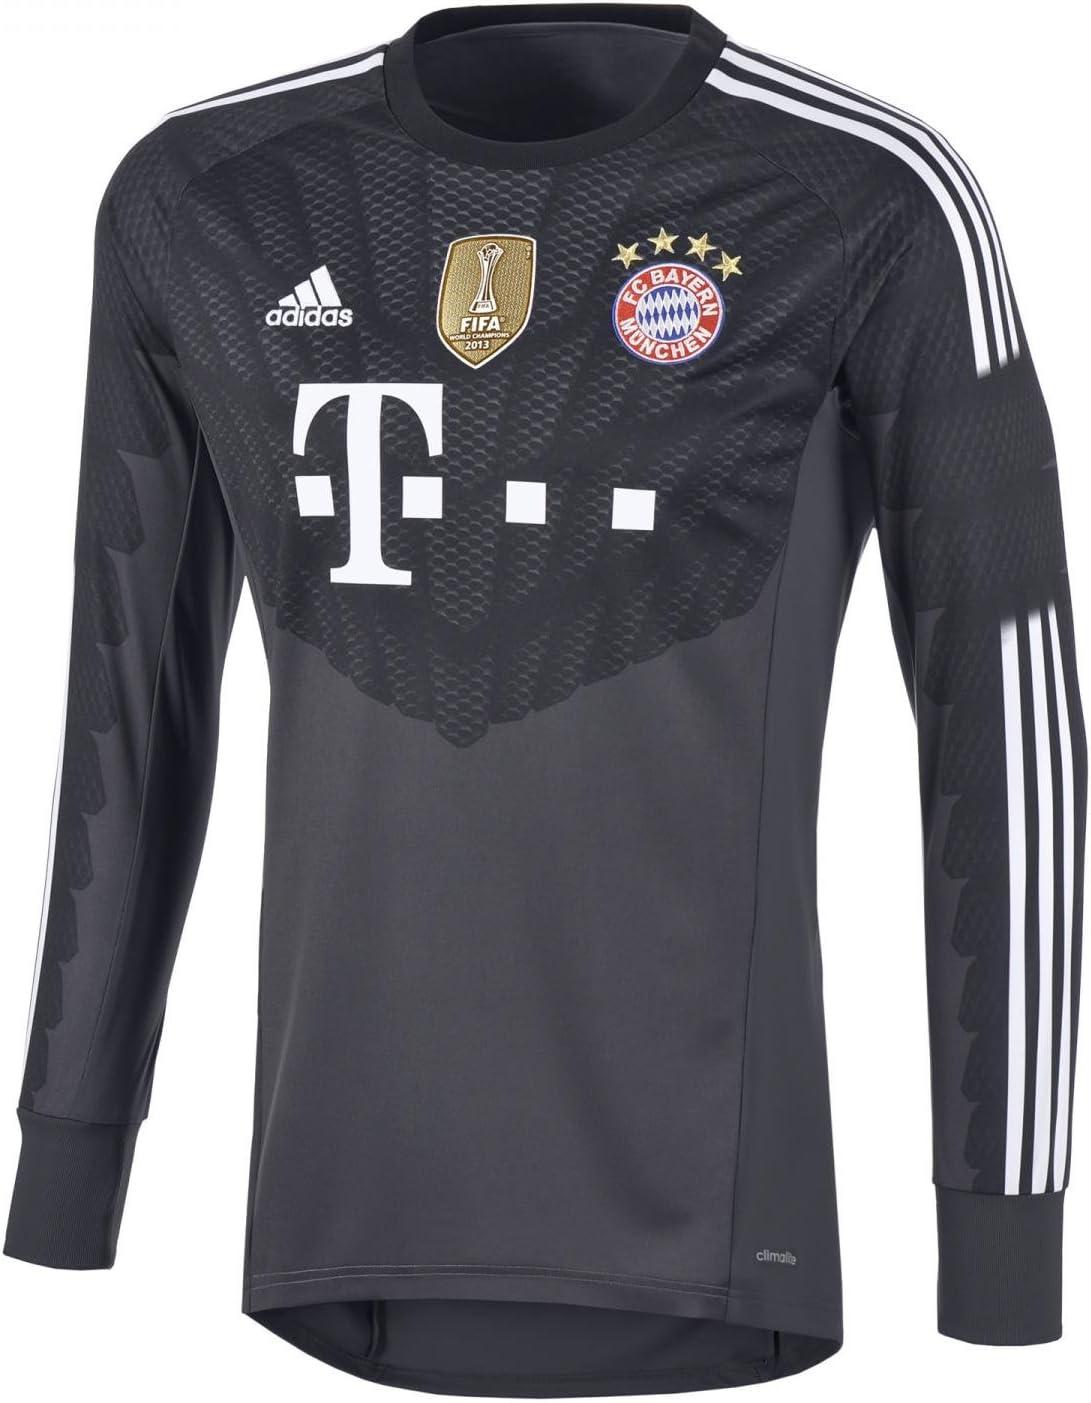 Camiseta de portero fútbol niños FC Bayern Múnich portero sábana WC, todo el año, unisex, color - gris, tamaño 15 años (164 cm): Amazon.es: Deportes y aire libre